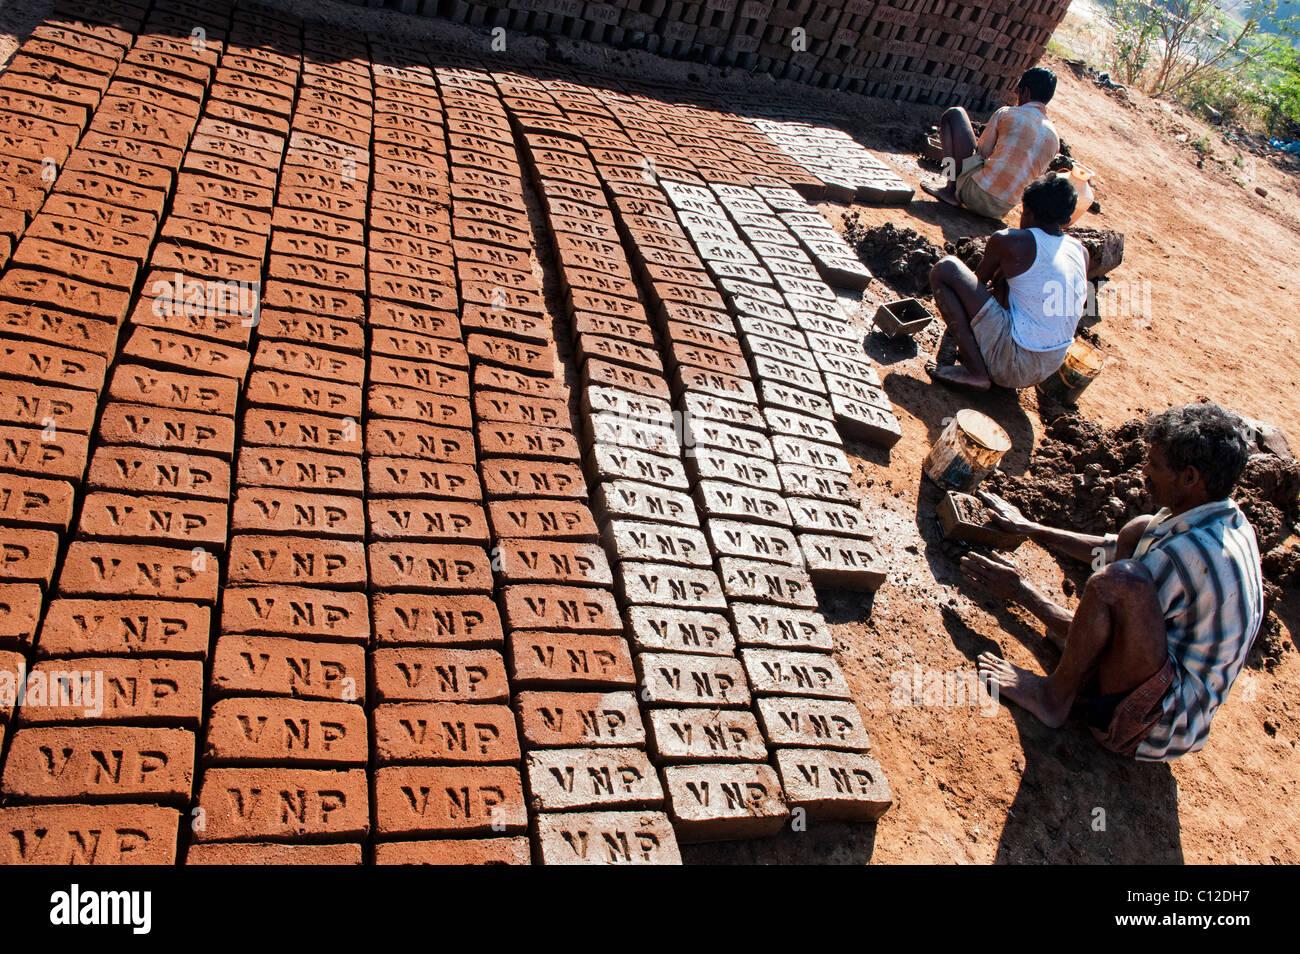 Hombres indios haciendo ladrillos de la casa con la mano utilizando un molde y arcilla húmeda / barro. El secado Imagen De Stock